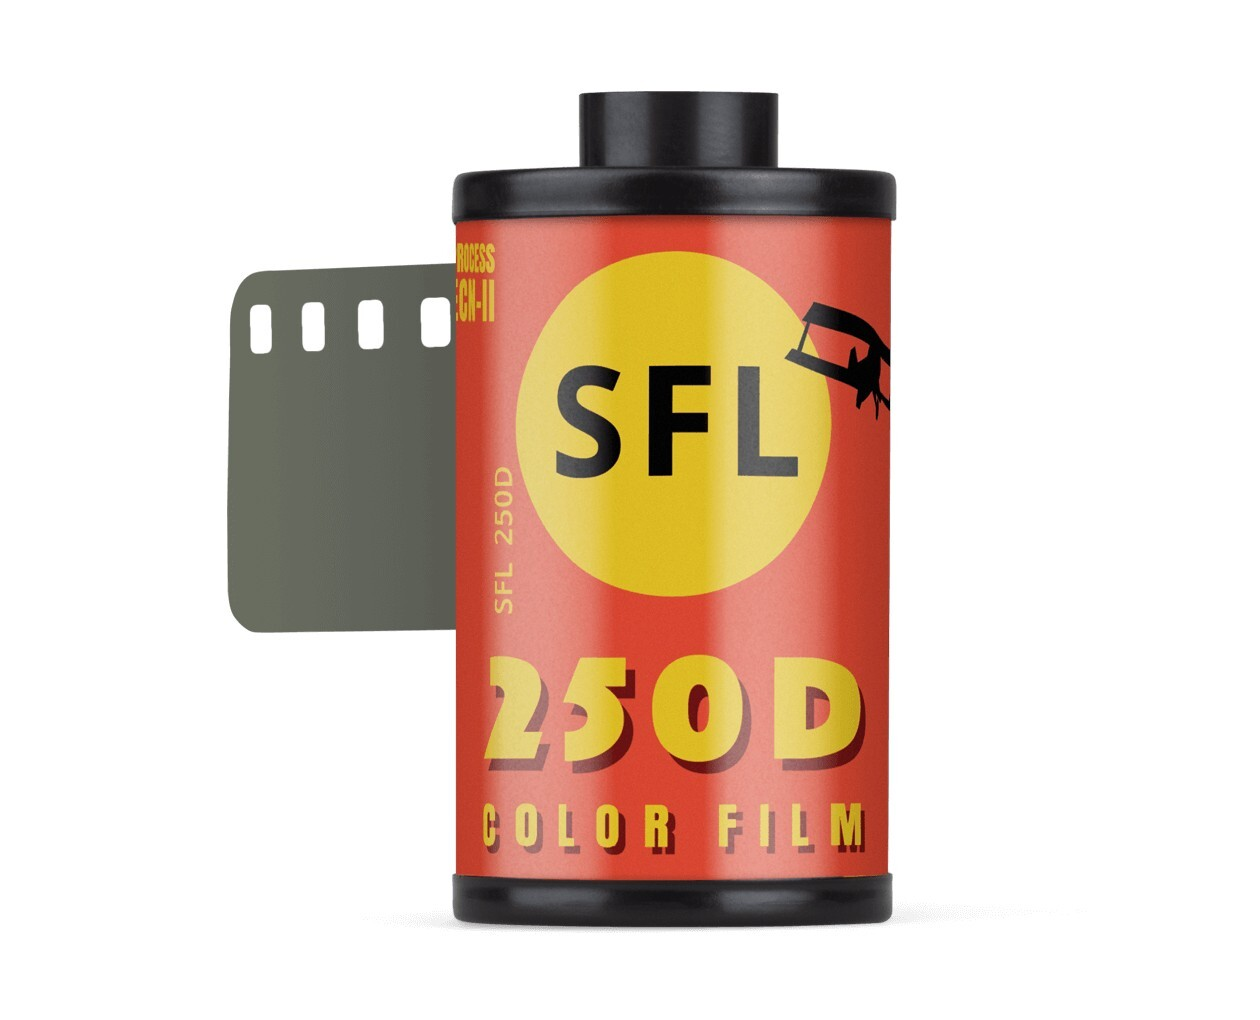 фотопленка sfl kodak 250d (135/24) цветная негативная в кассете